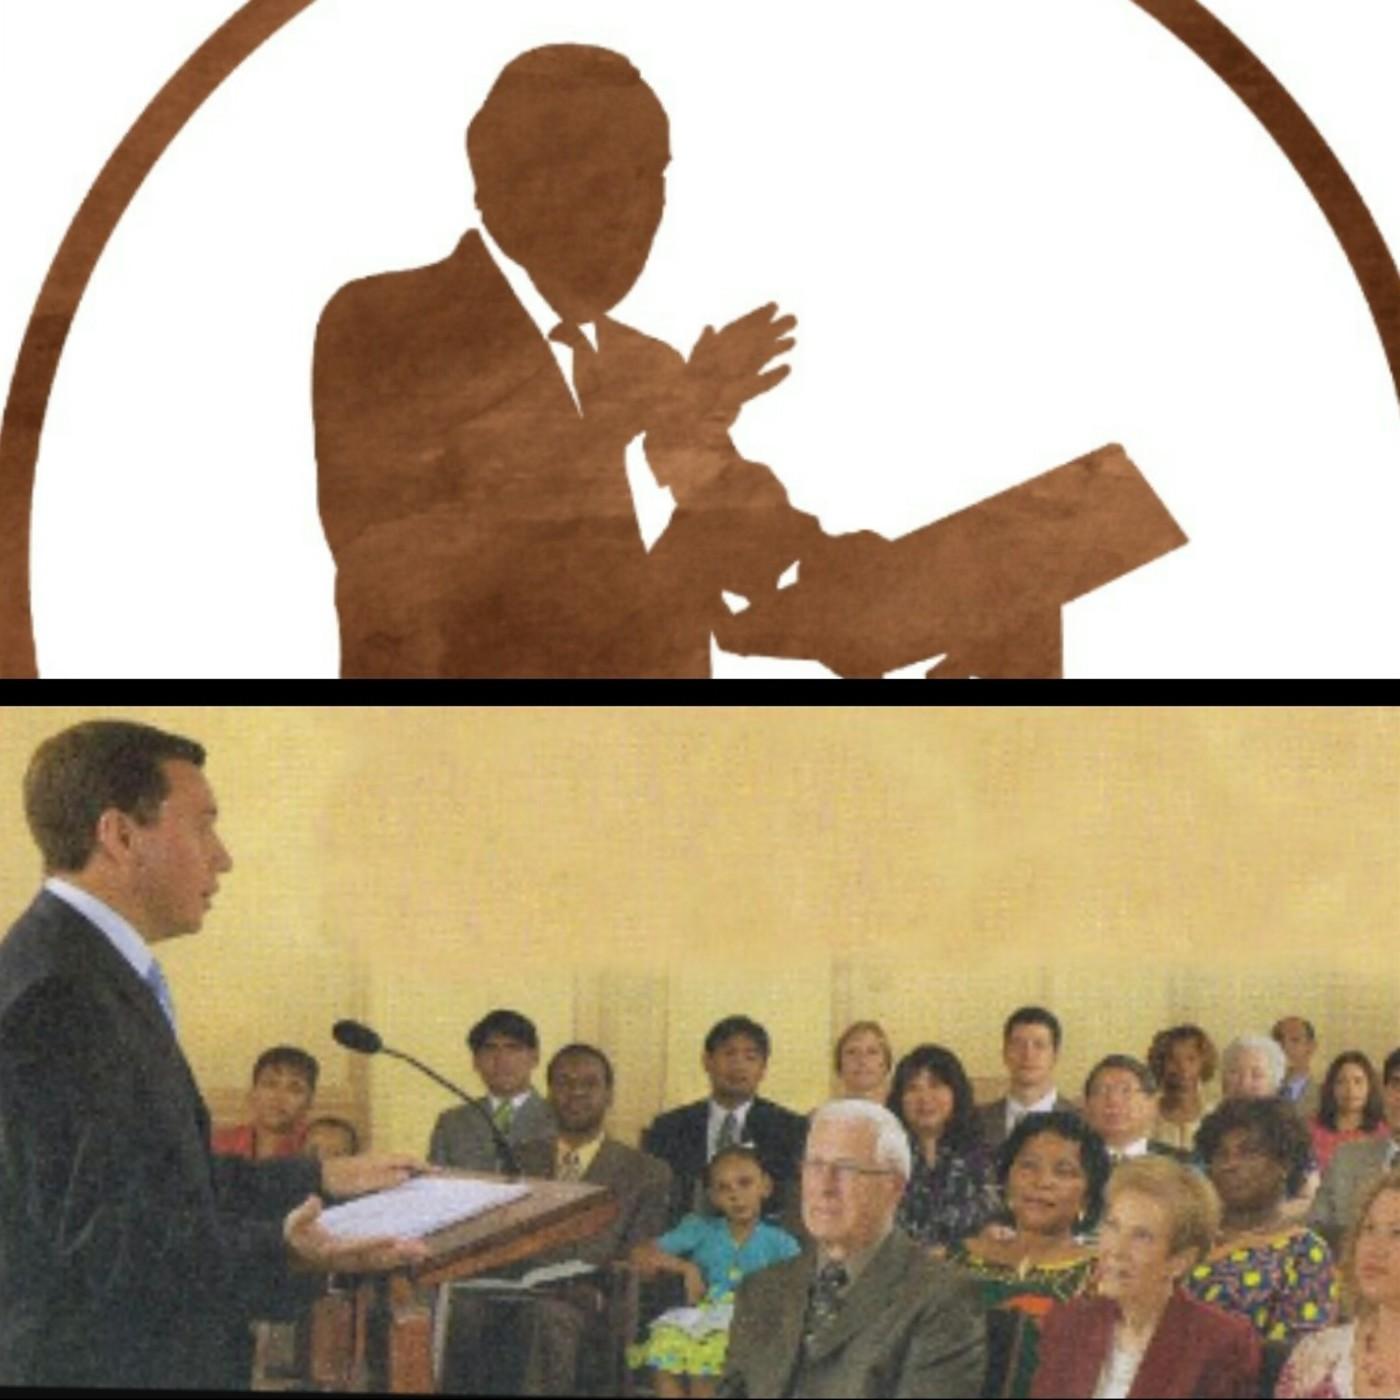 canticos testigos de jehovah para descargar